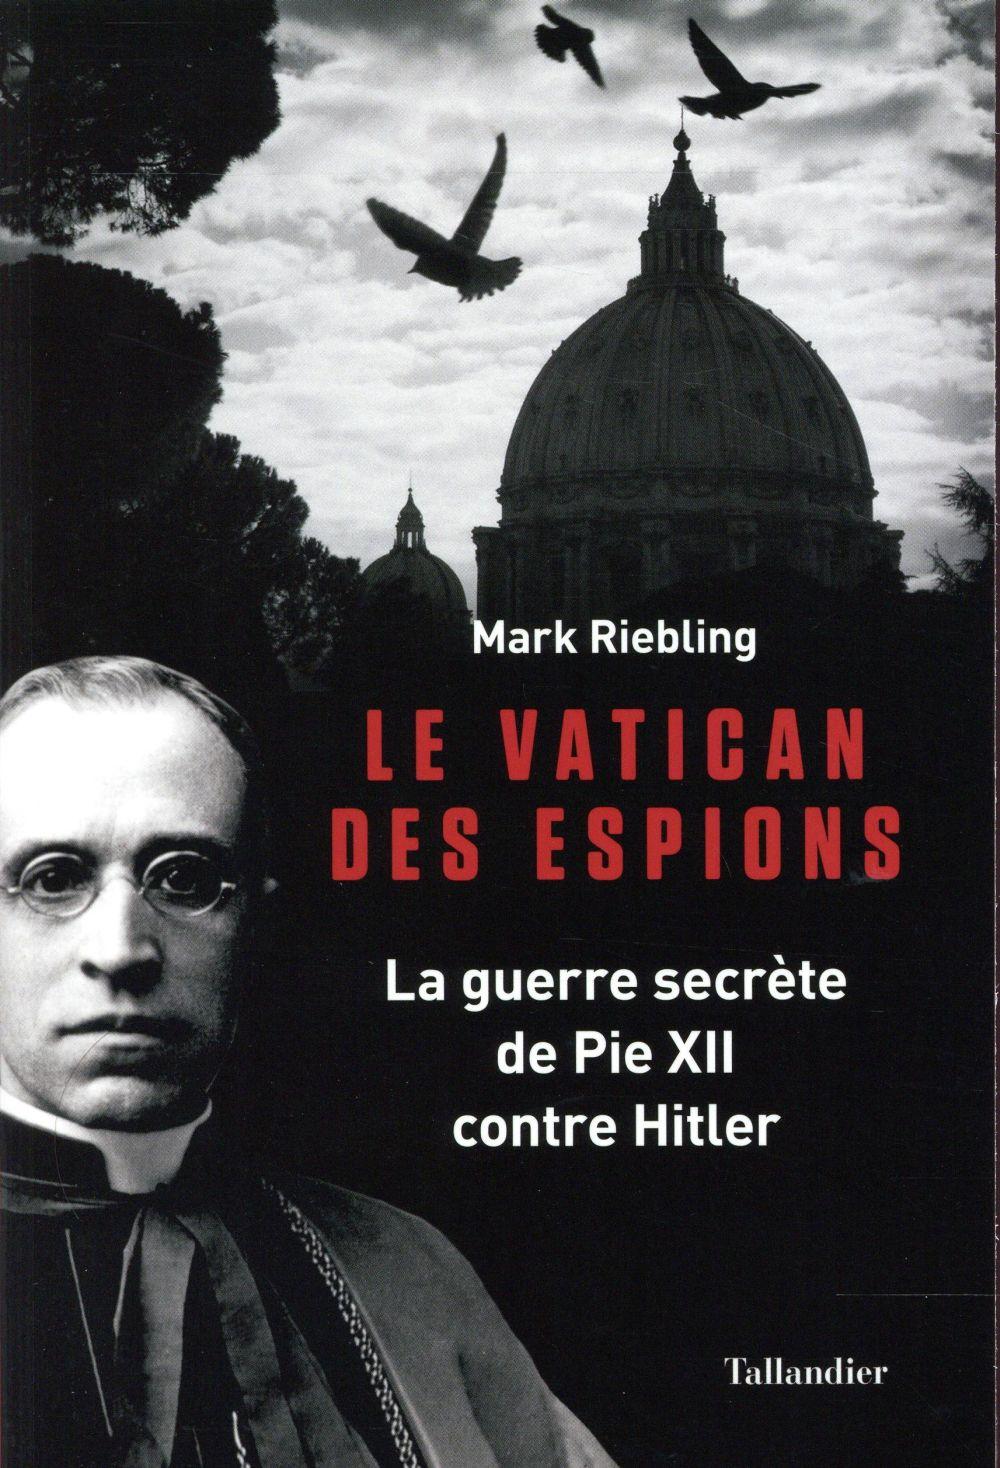 LE VATICAN DES ESPIONS - LE GUERRE SECRETE DE PIE XII CONTRE HITLER